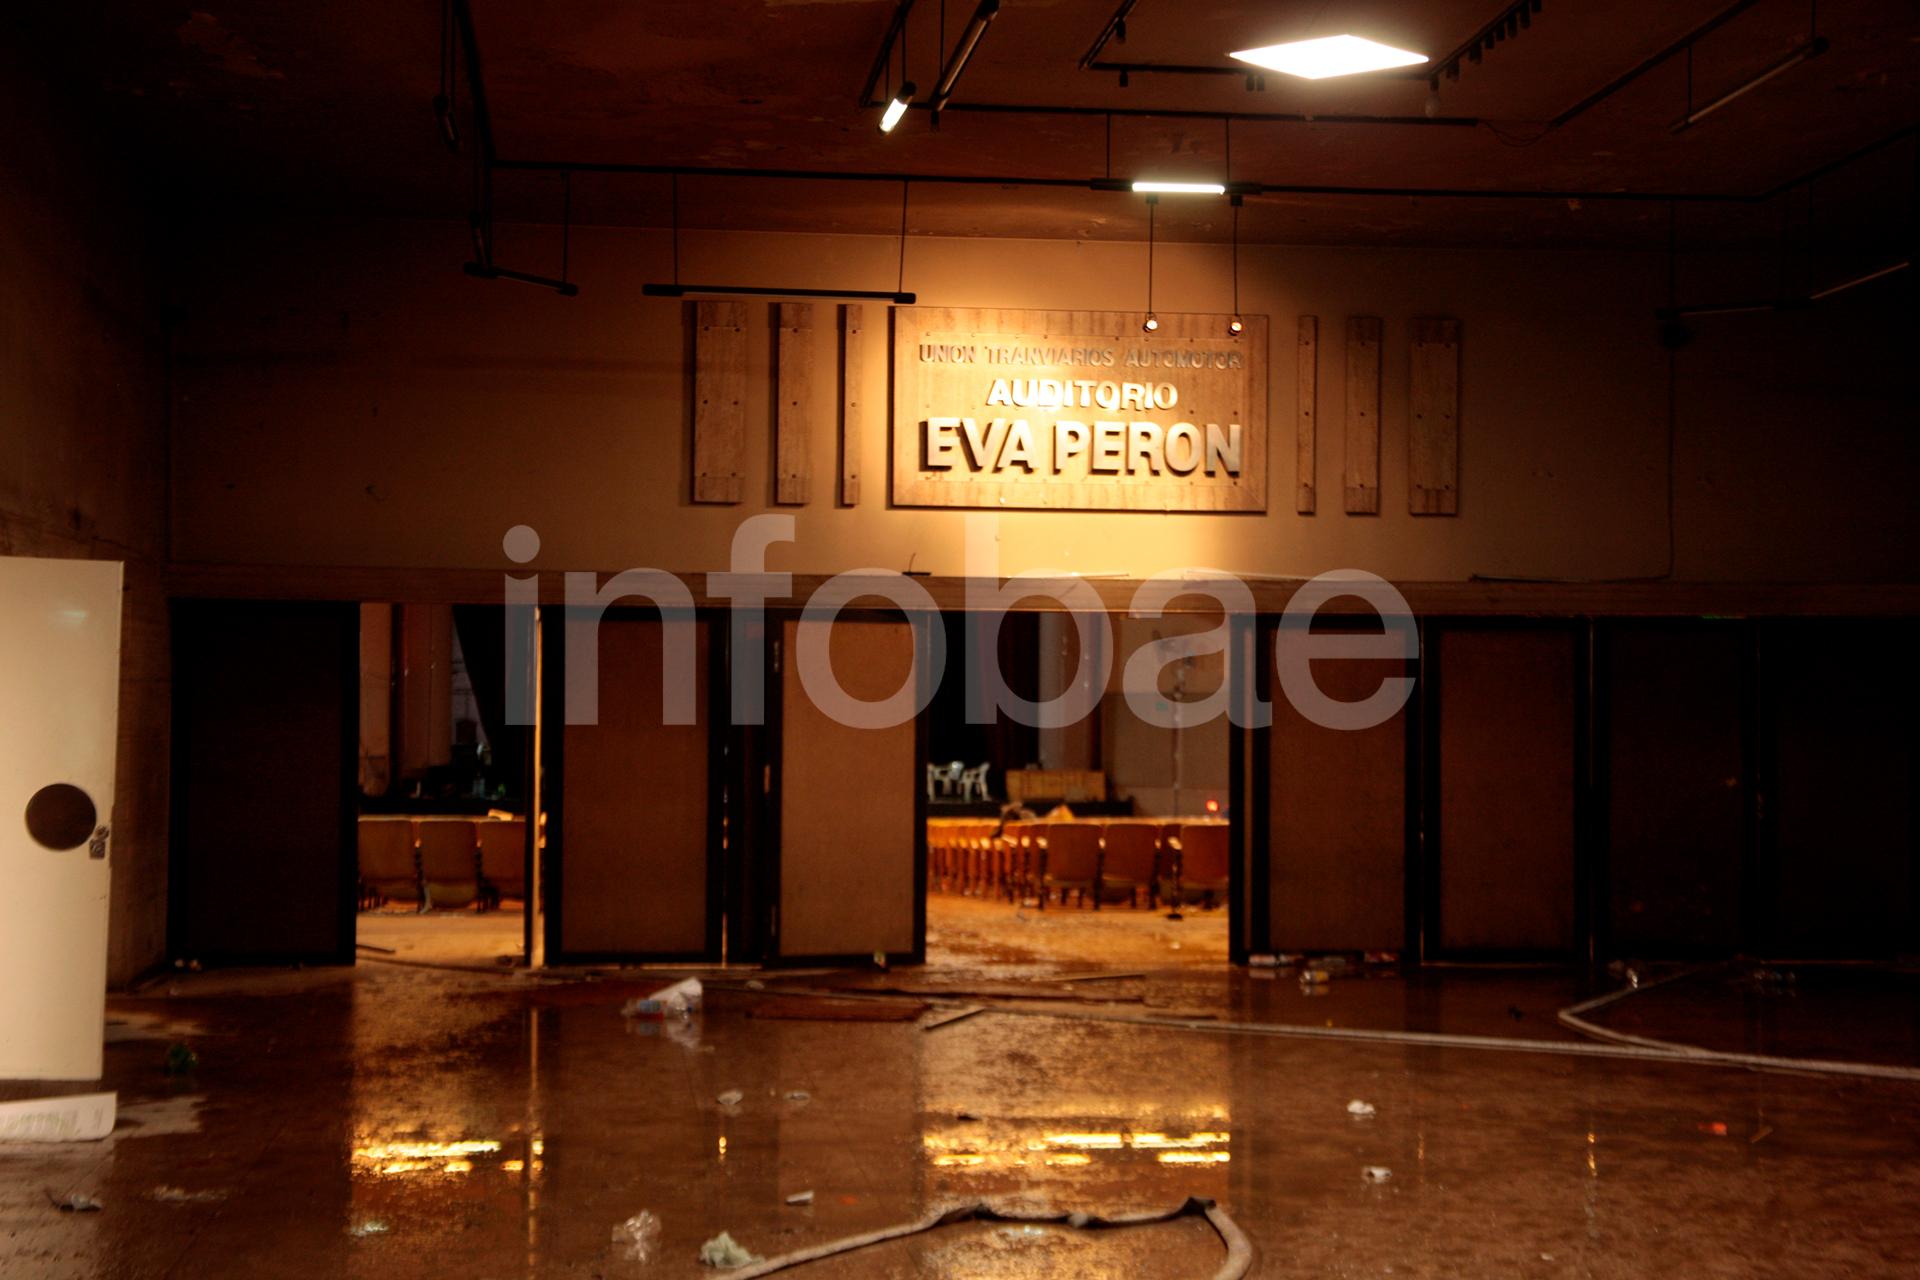 El ingreso al Auditorio Eva Perón fue vandalizado por gente que responde a Miguel Bustinduy, el líder disidente